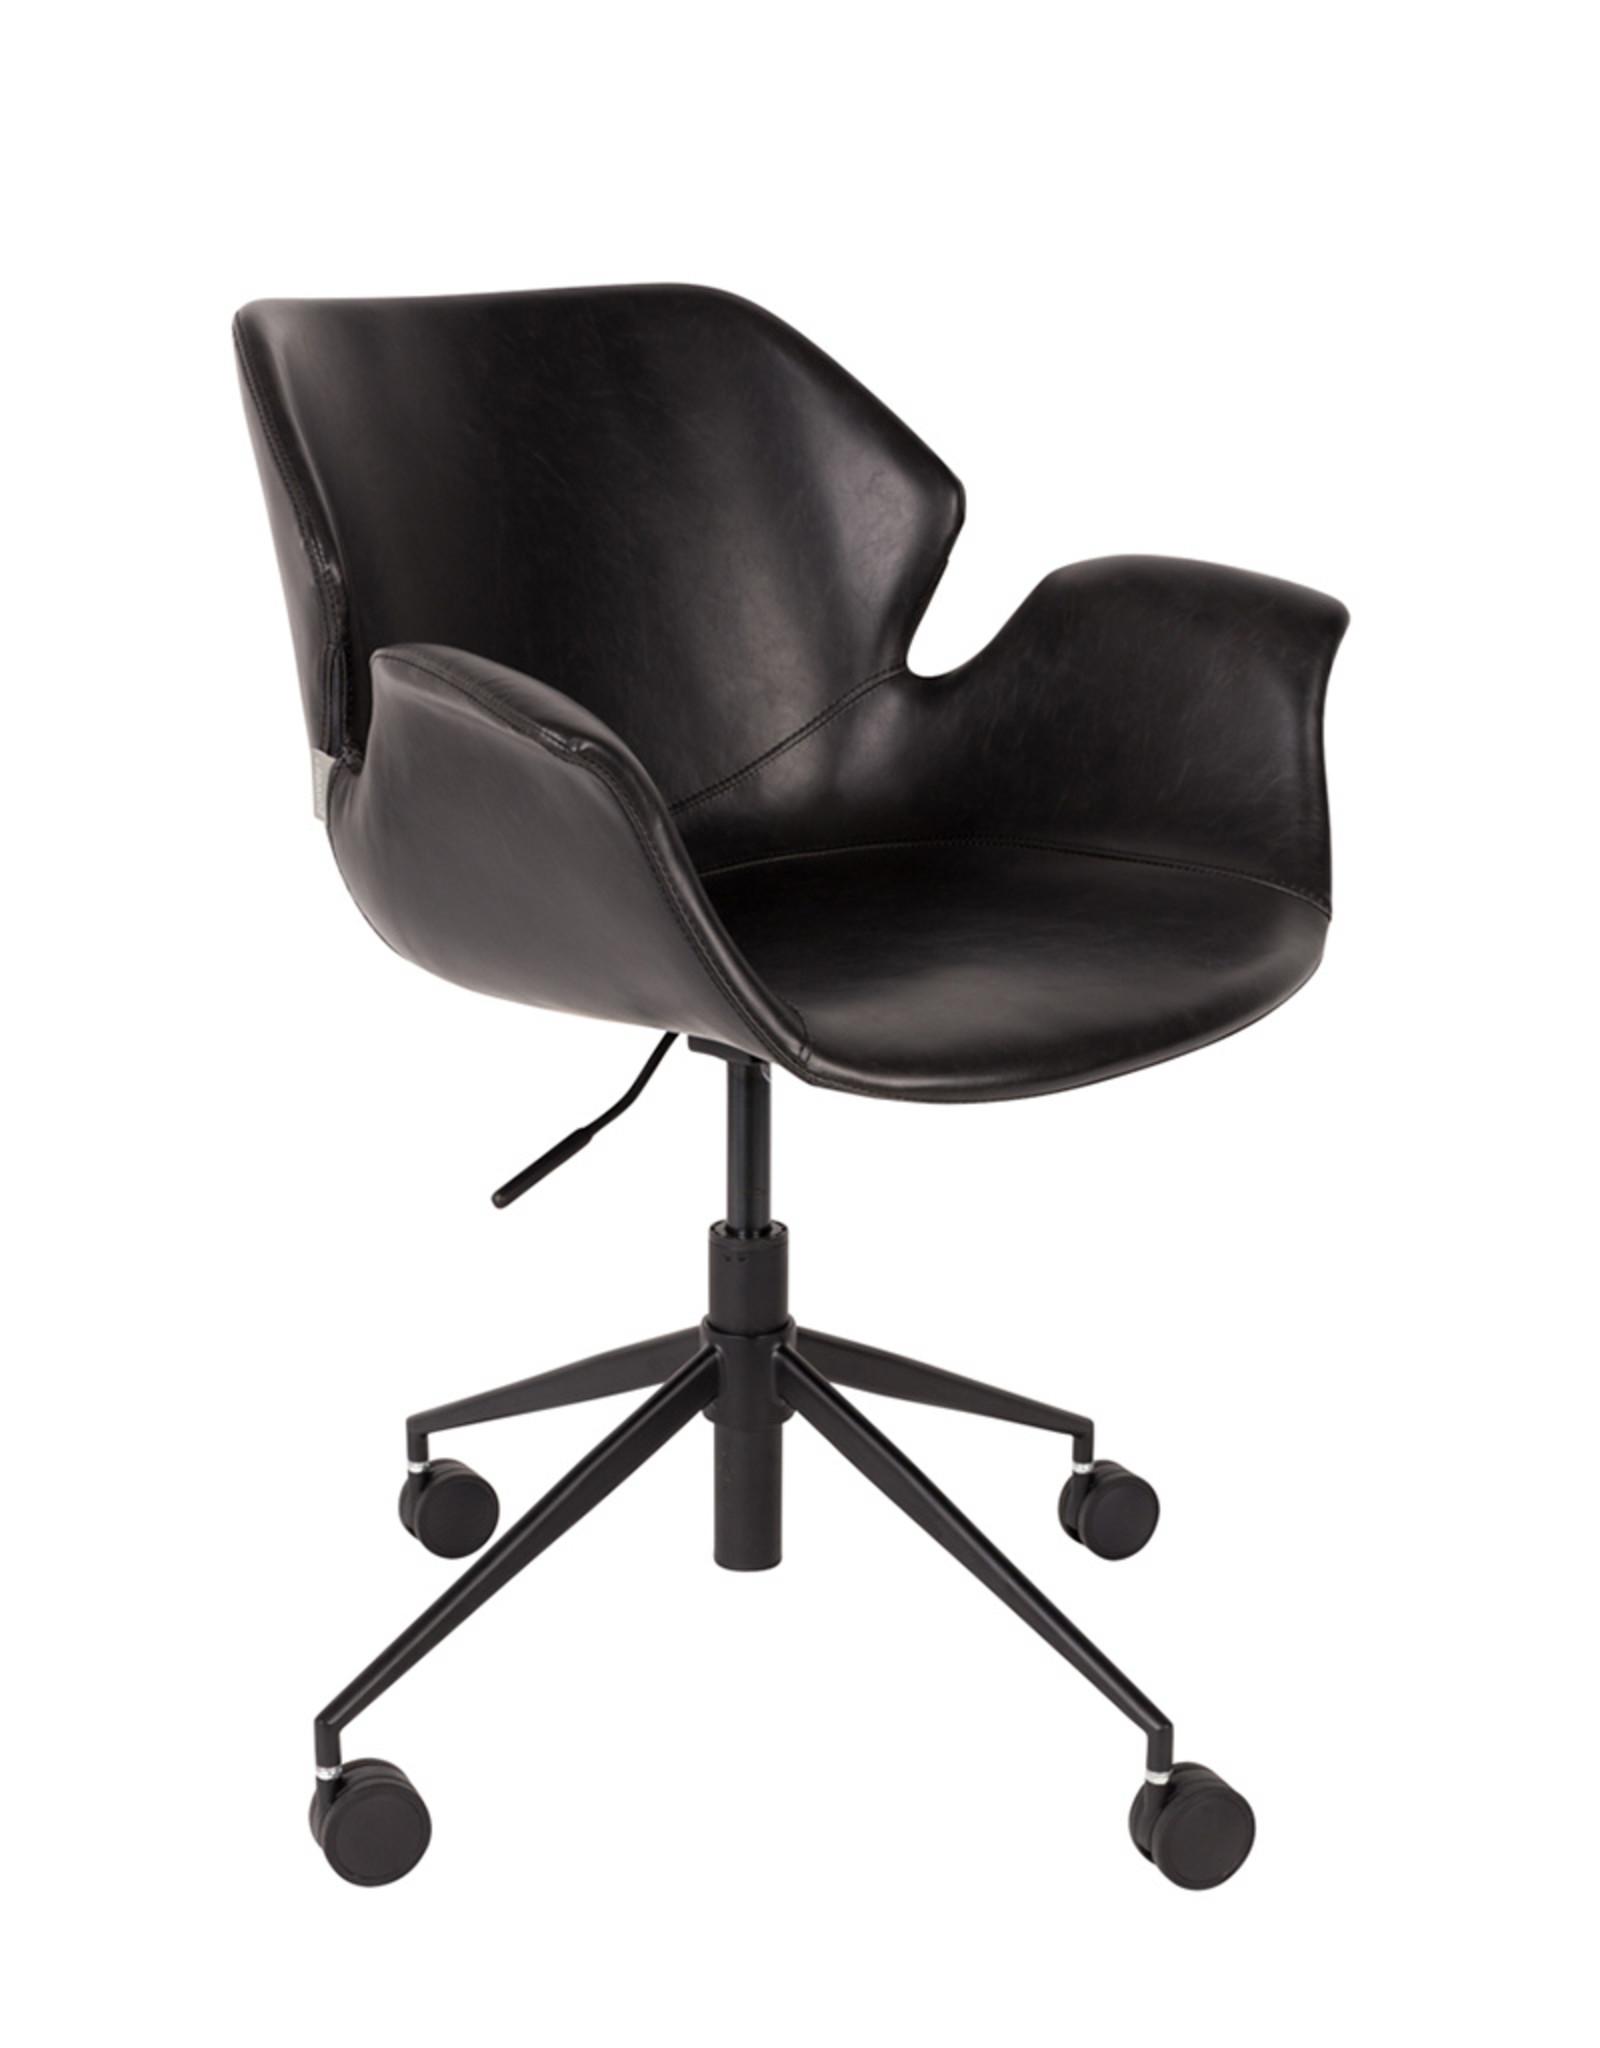 ZUIVER BV Nikki Office Chair